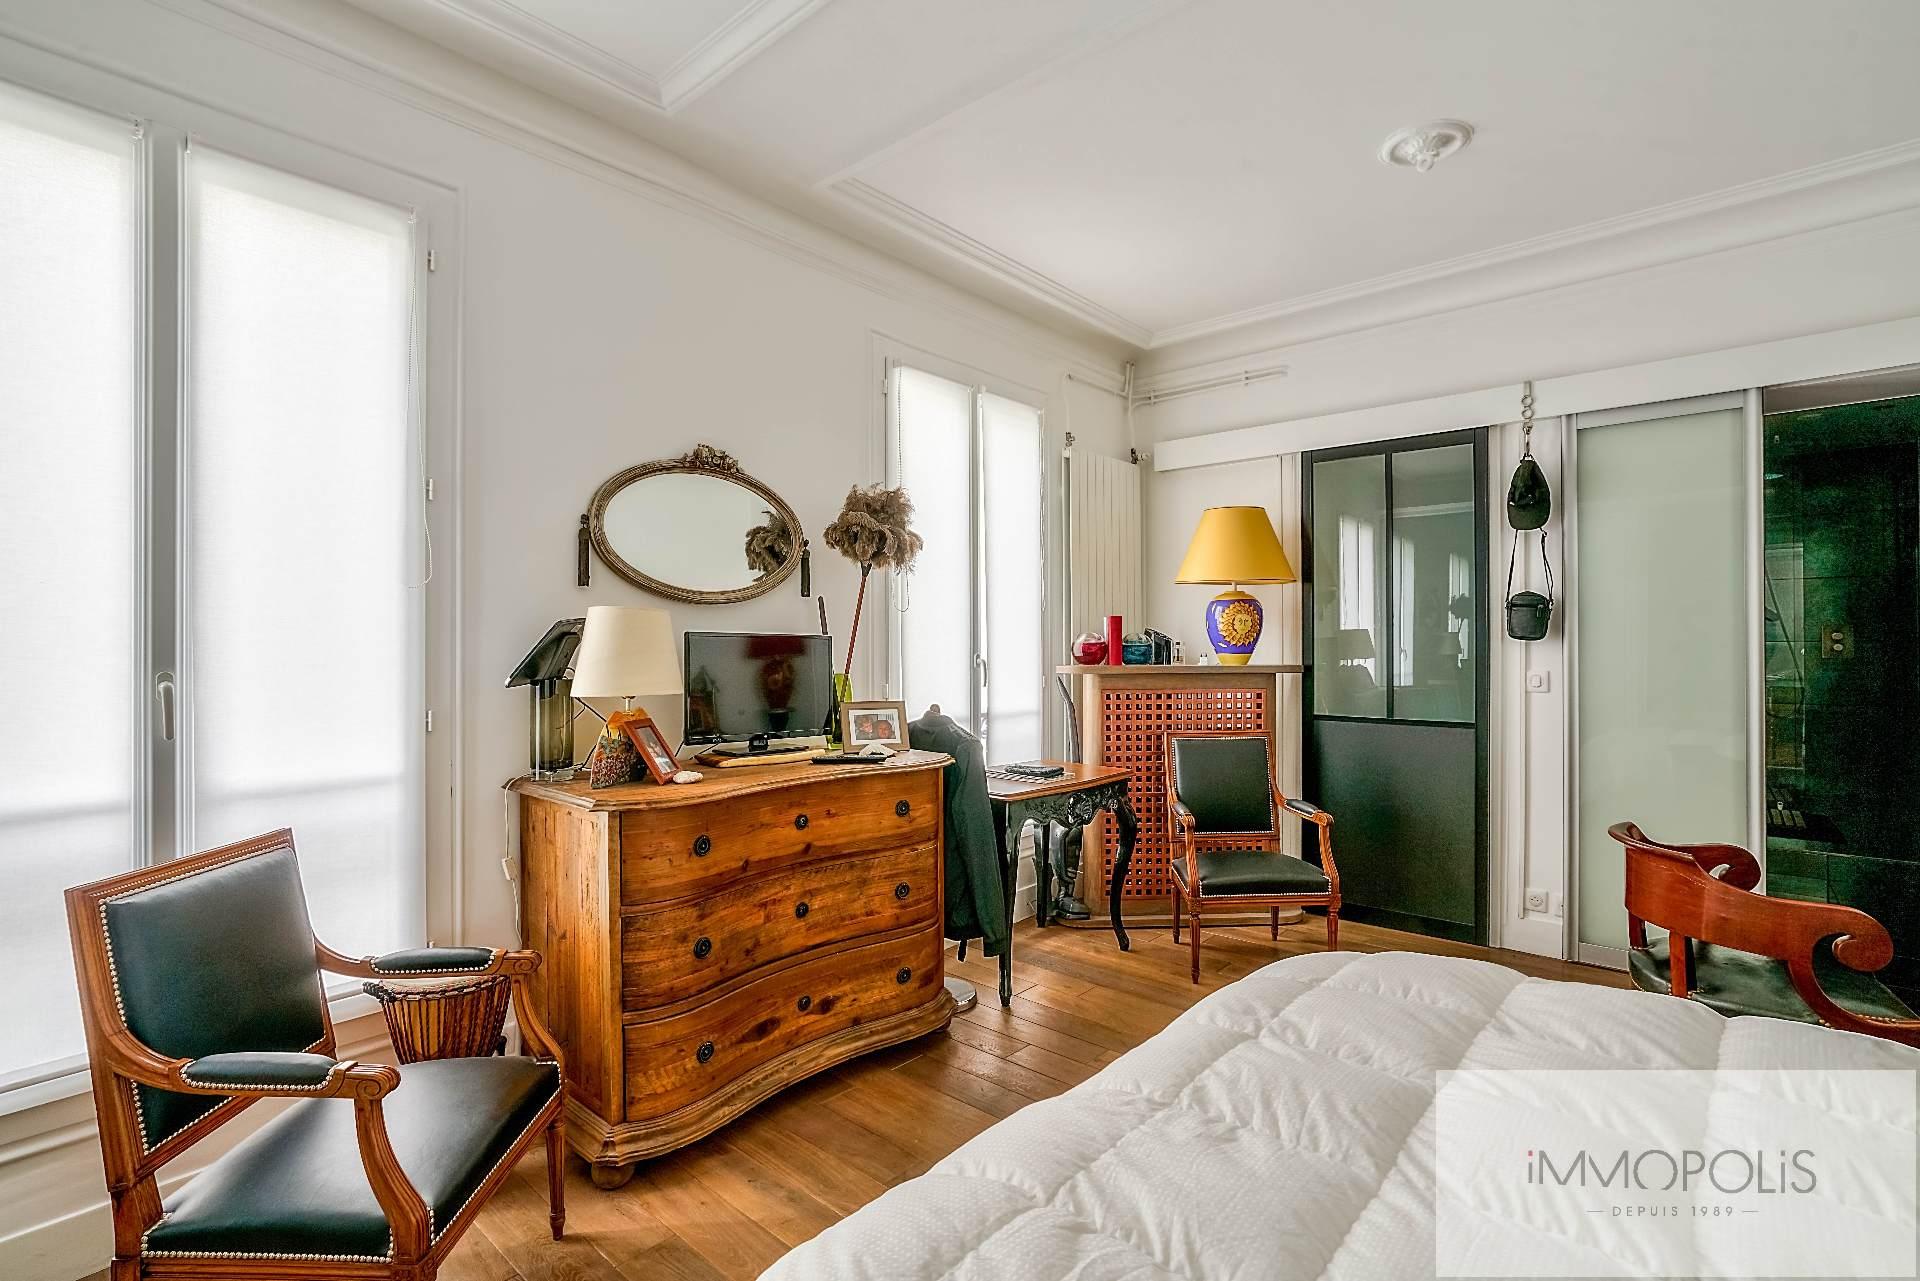 Superbe 3 pièces (1 chambre) à Montmartre, en 3e étage avec ascenseur : belles prestations ! 4